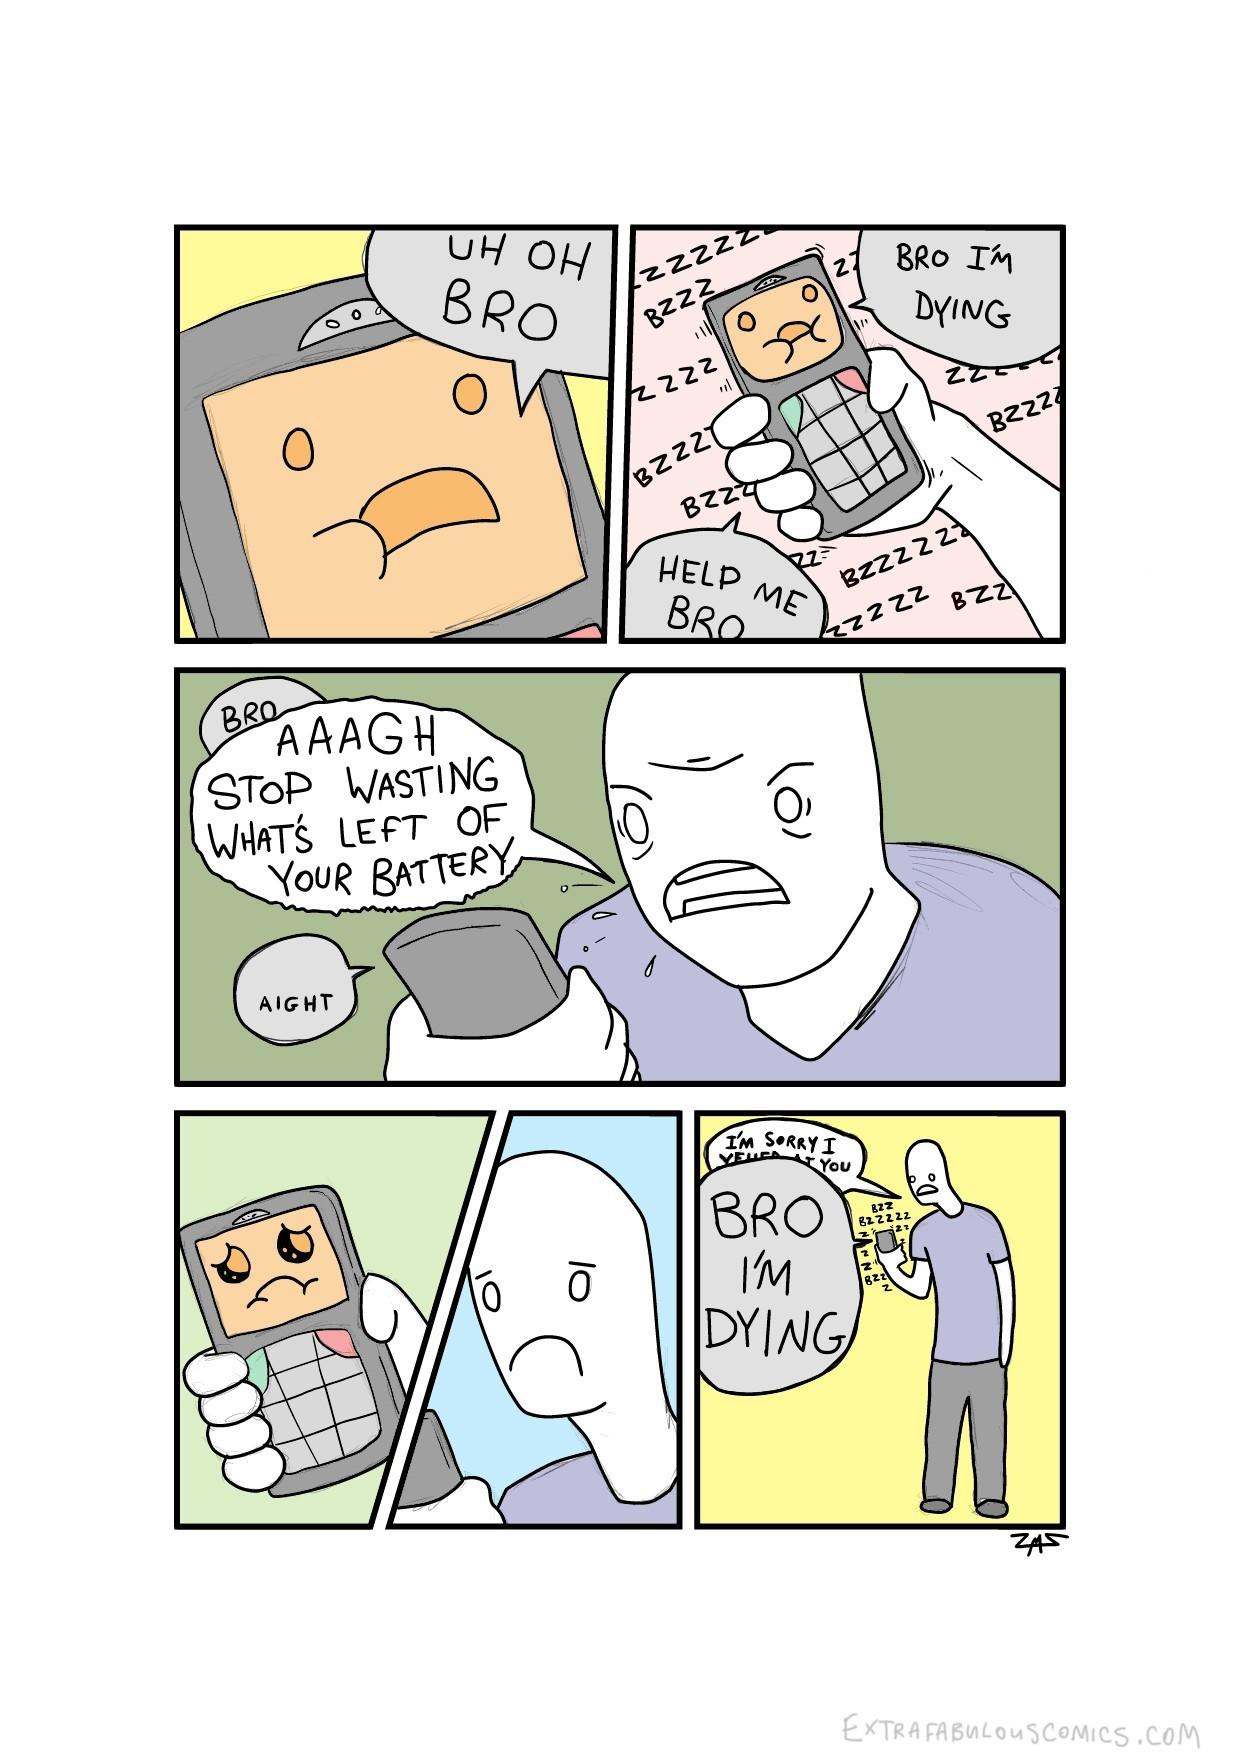 Phone logic - meme